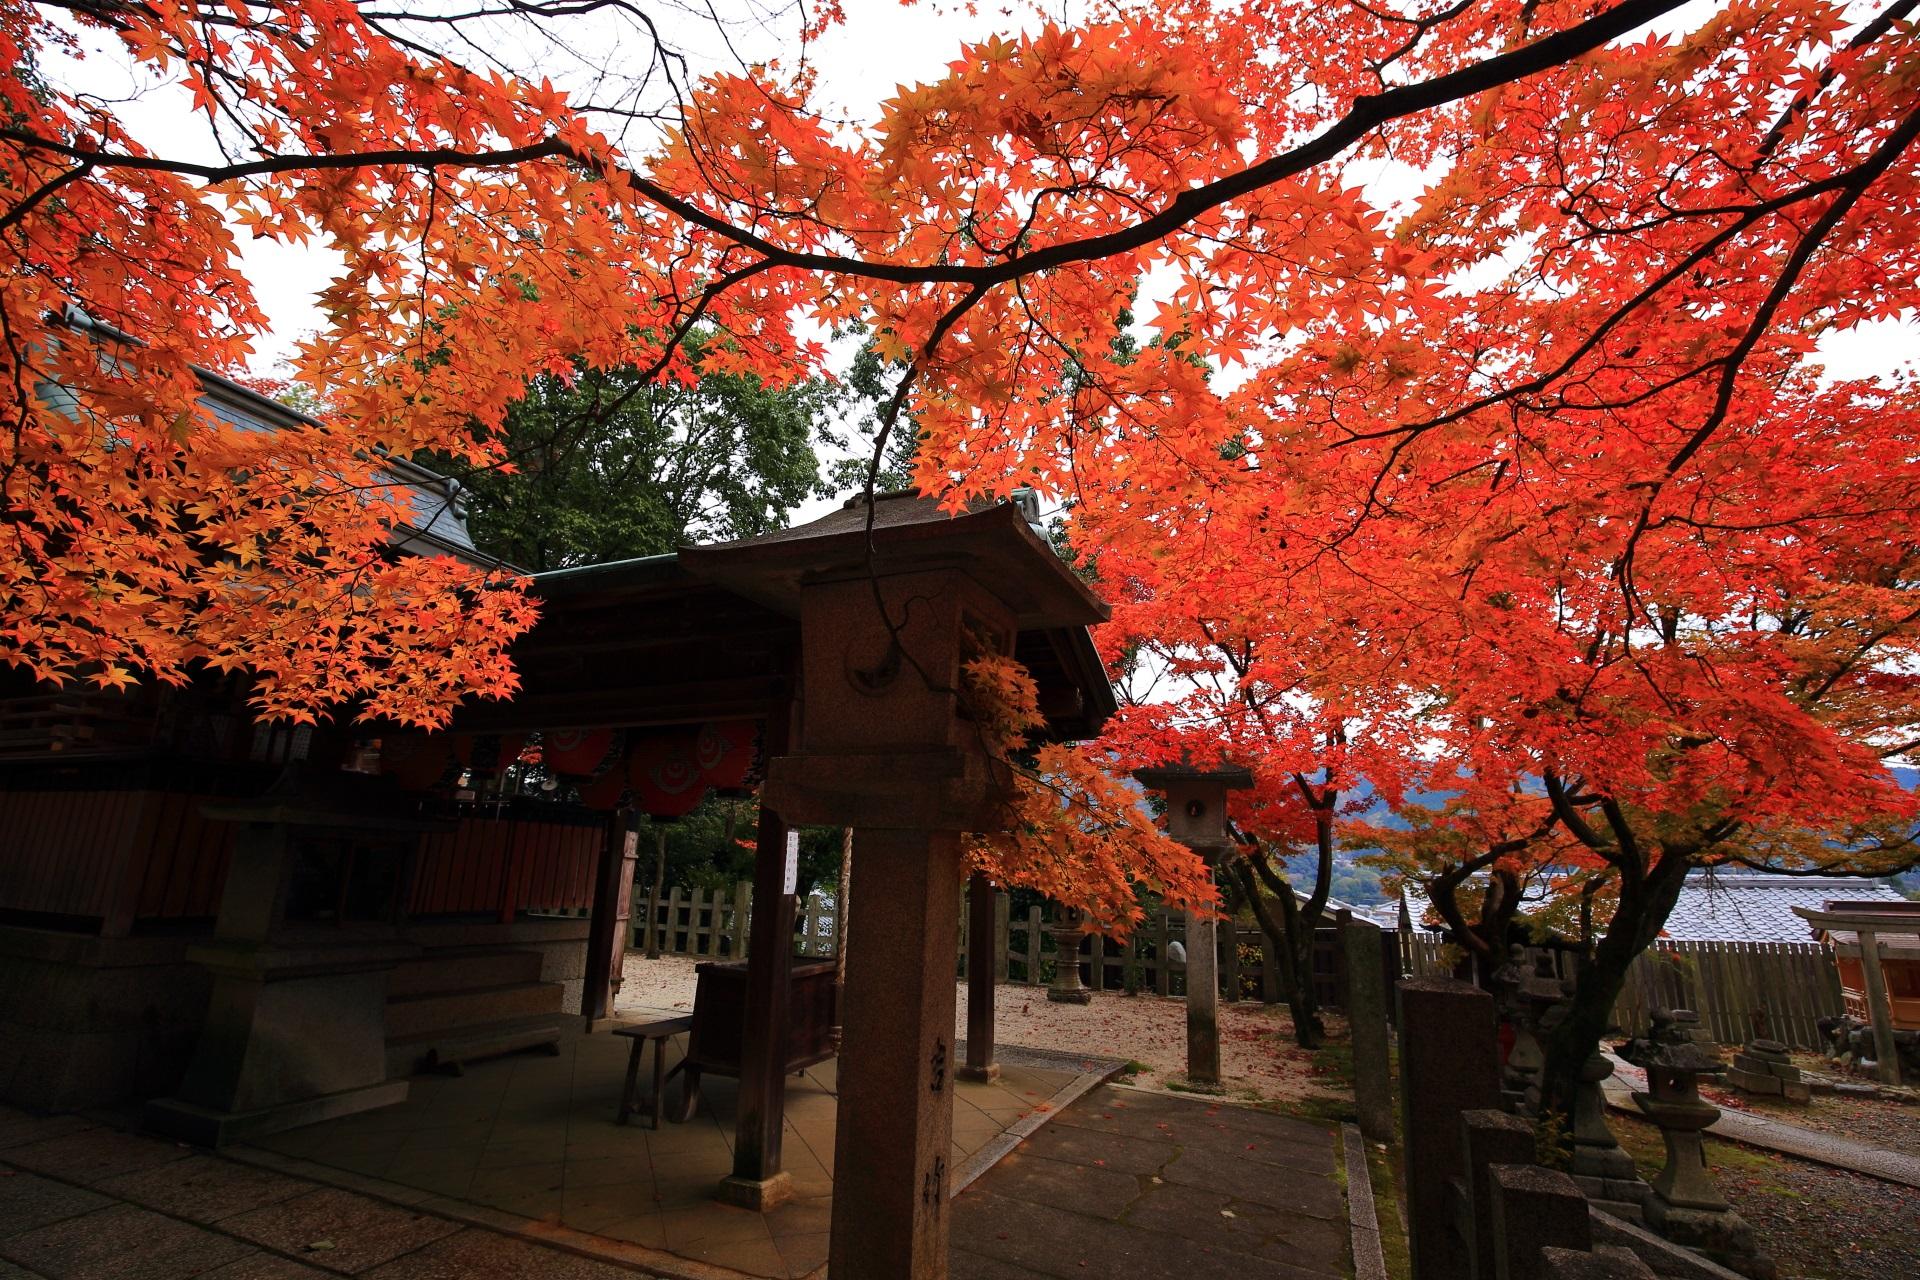 本殿と空をつつむ秋色の紅葉